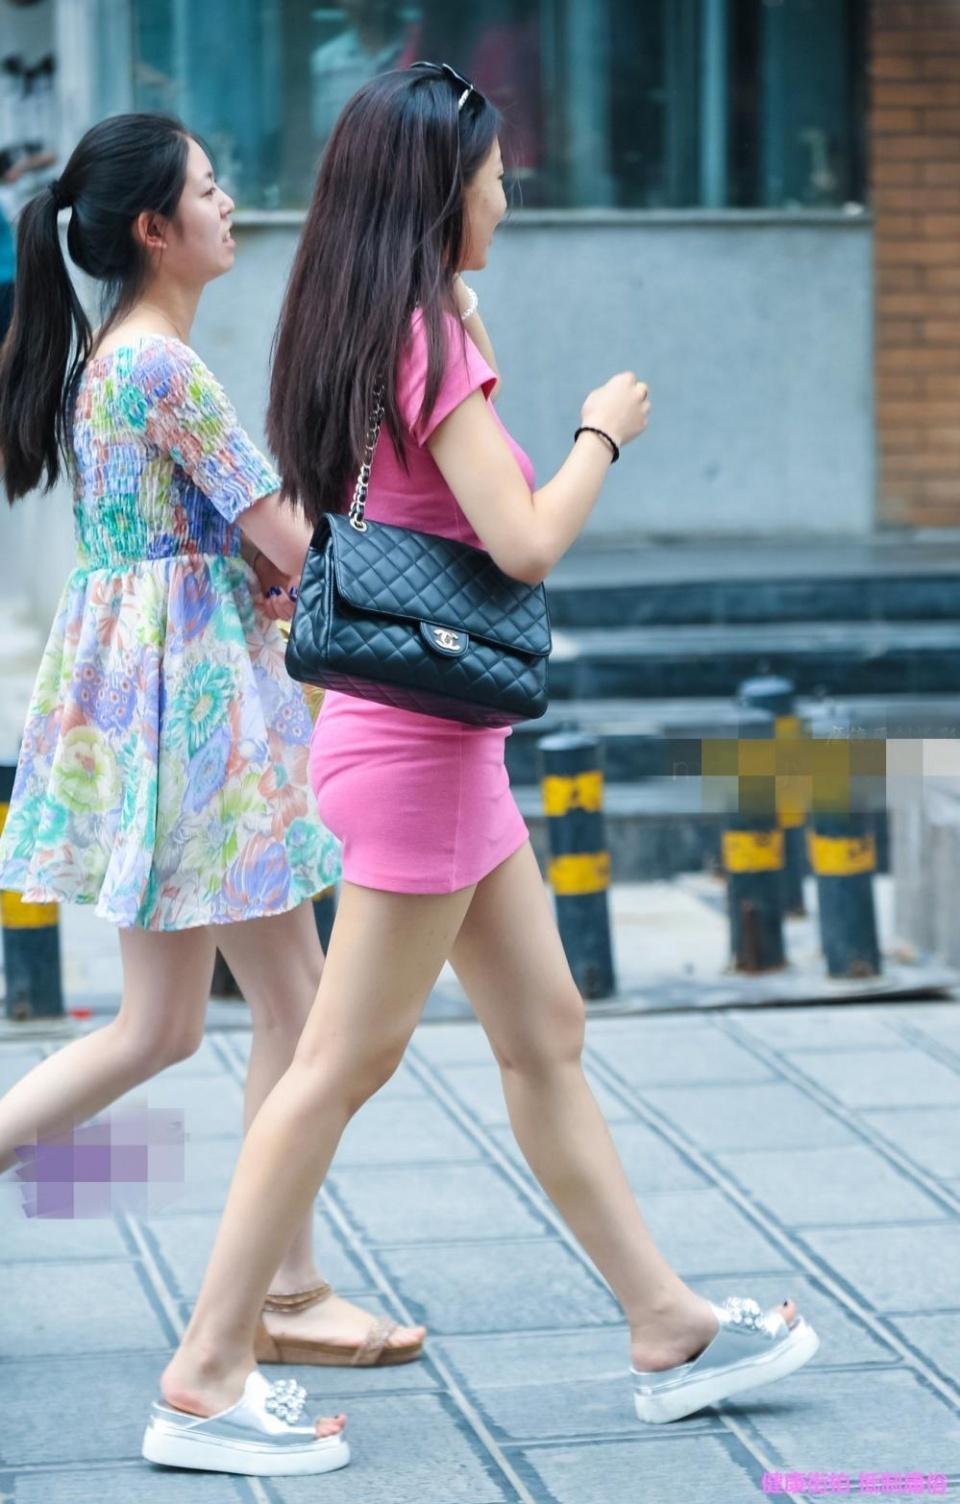 操十岁少女_街拍,:穿上紧身包臀裙就算是三十岁辣妈也能美出少女感!